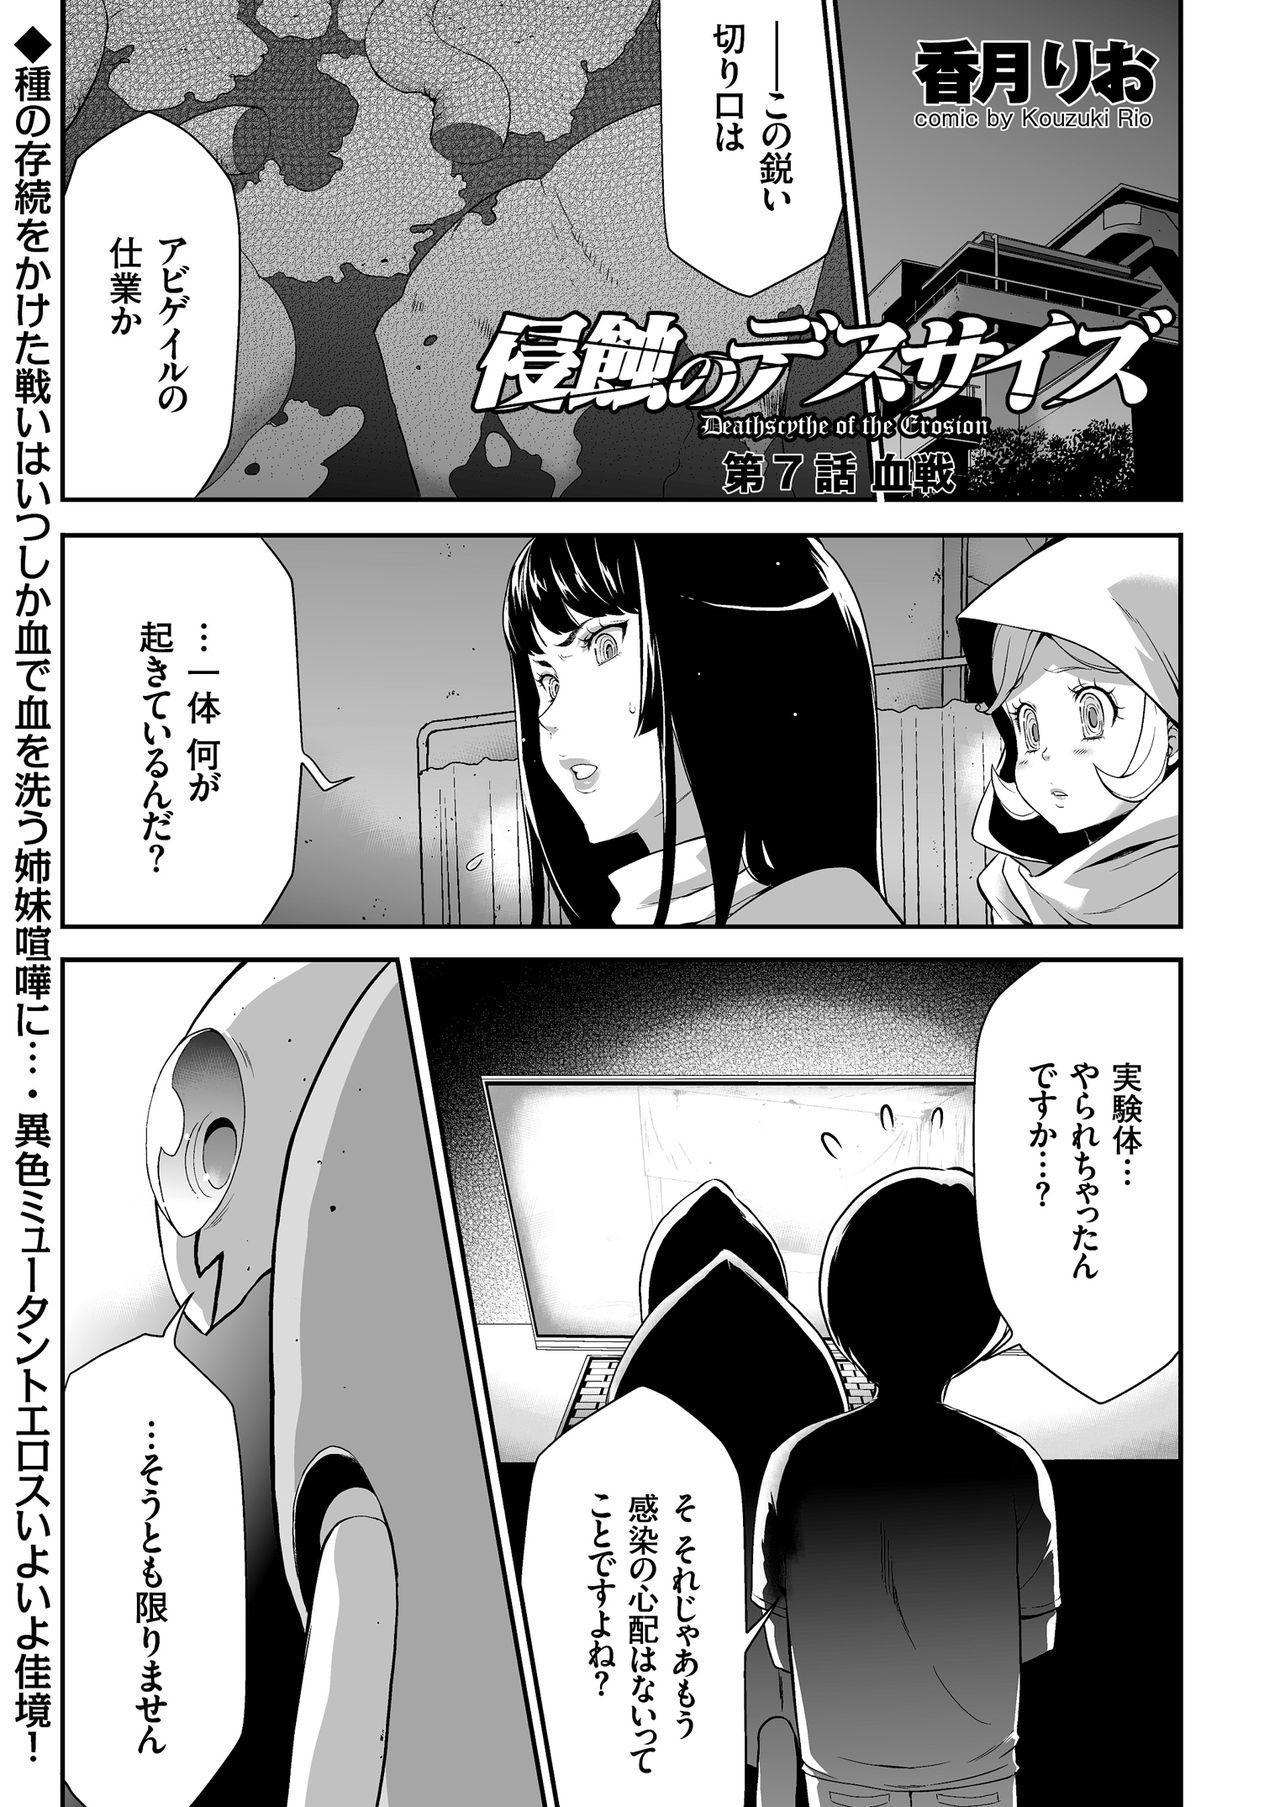 COMIC KURiBERON 2018-05 Vol. 67 60